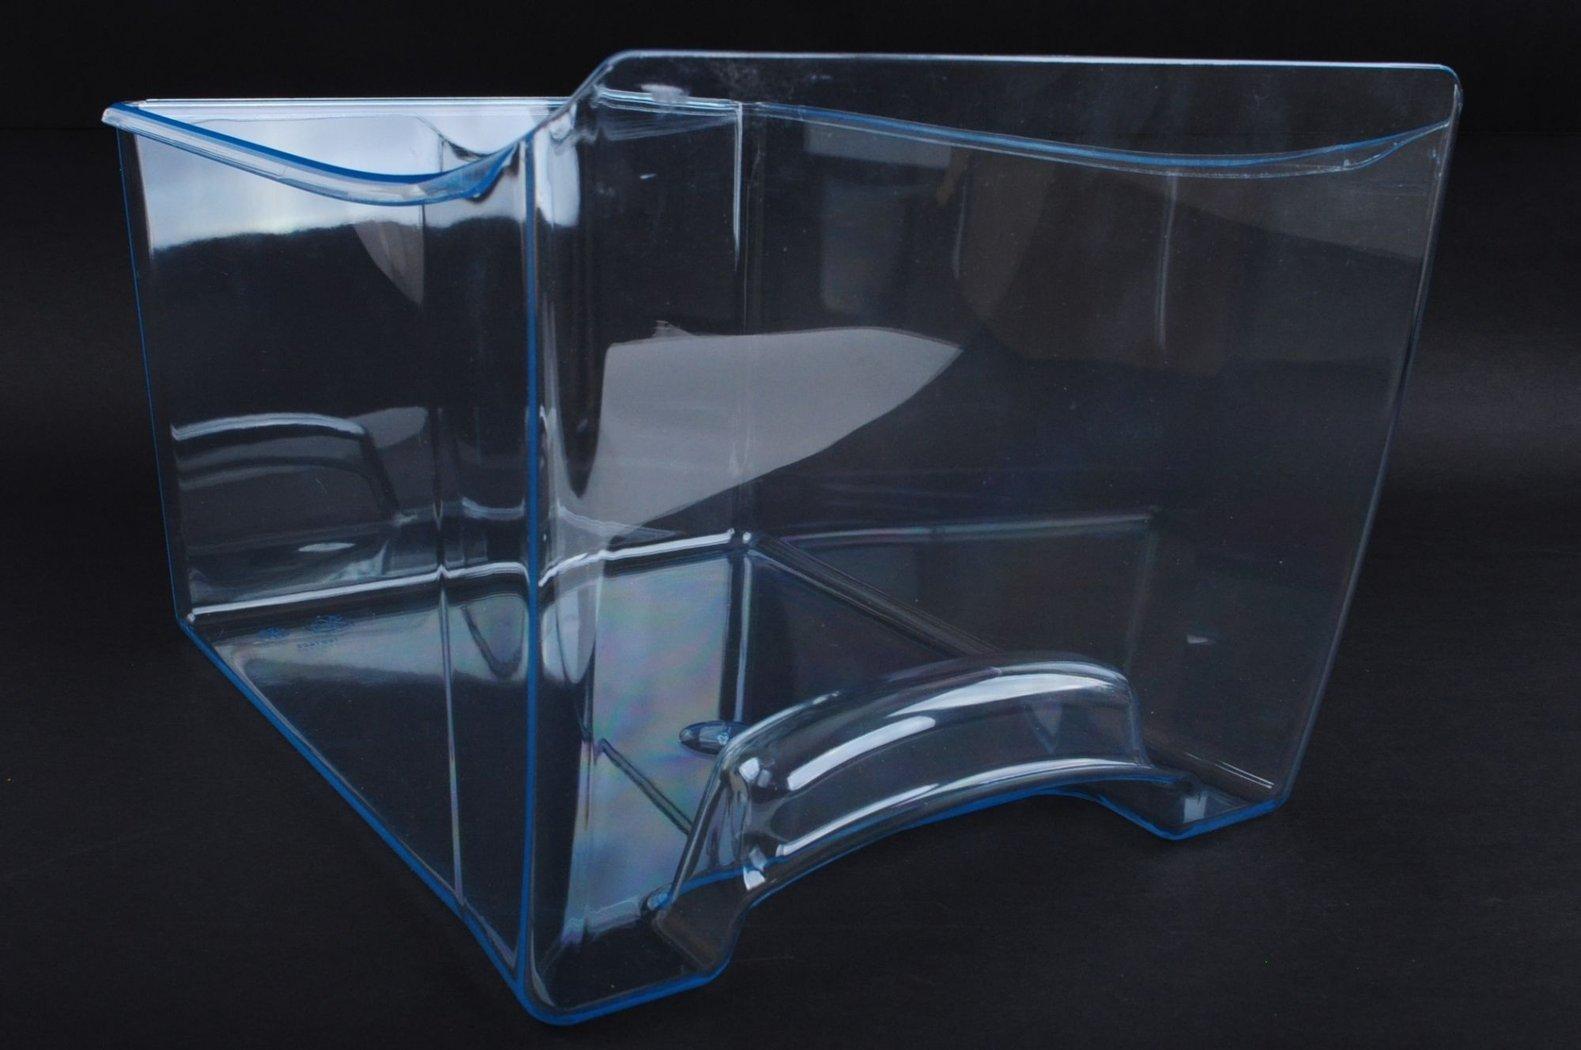 Gorenje Kühlschrank Schublade : Privileg zanussi gemüseschale gemüsefach kühlschrank